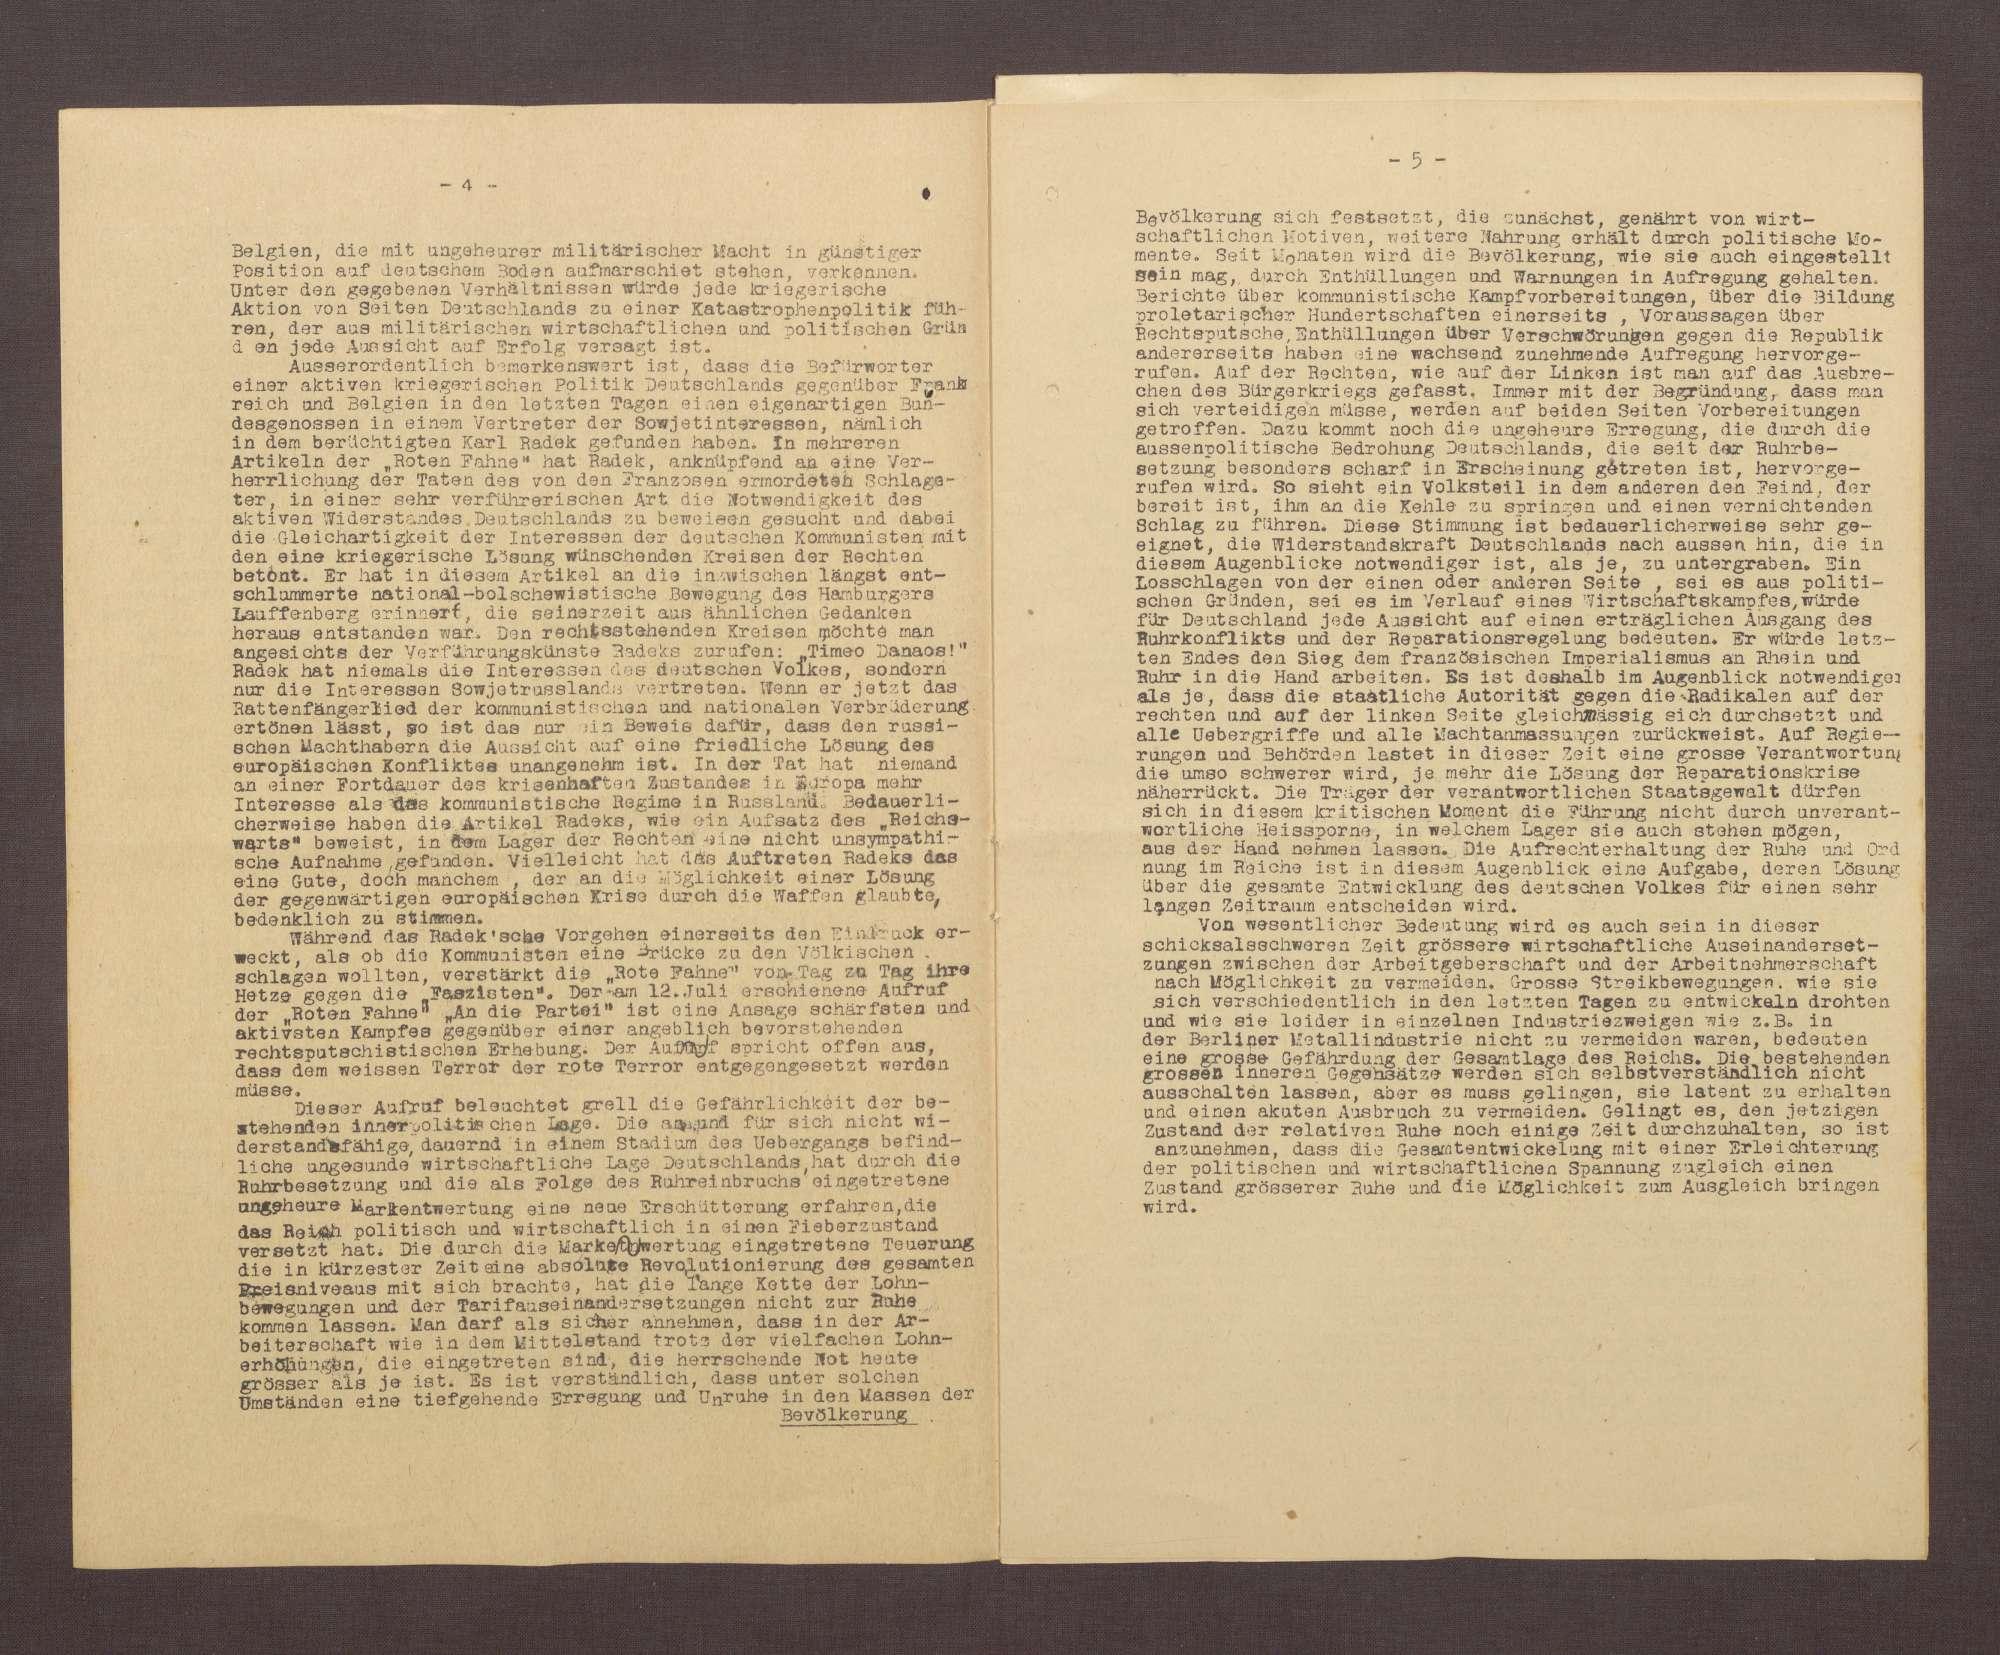 Lageberichte des Reichskommissars für Überwachung der öffentlichen Ordnung, Nr. 94, Bild 3